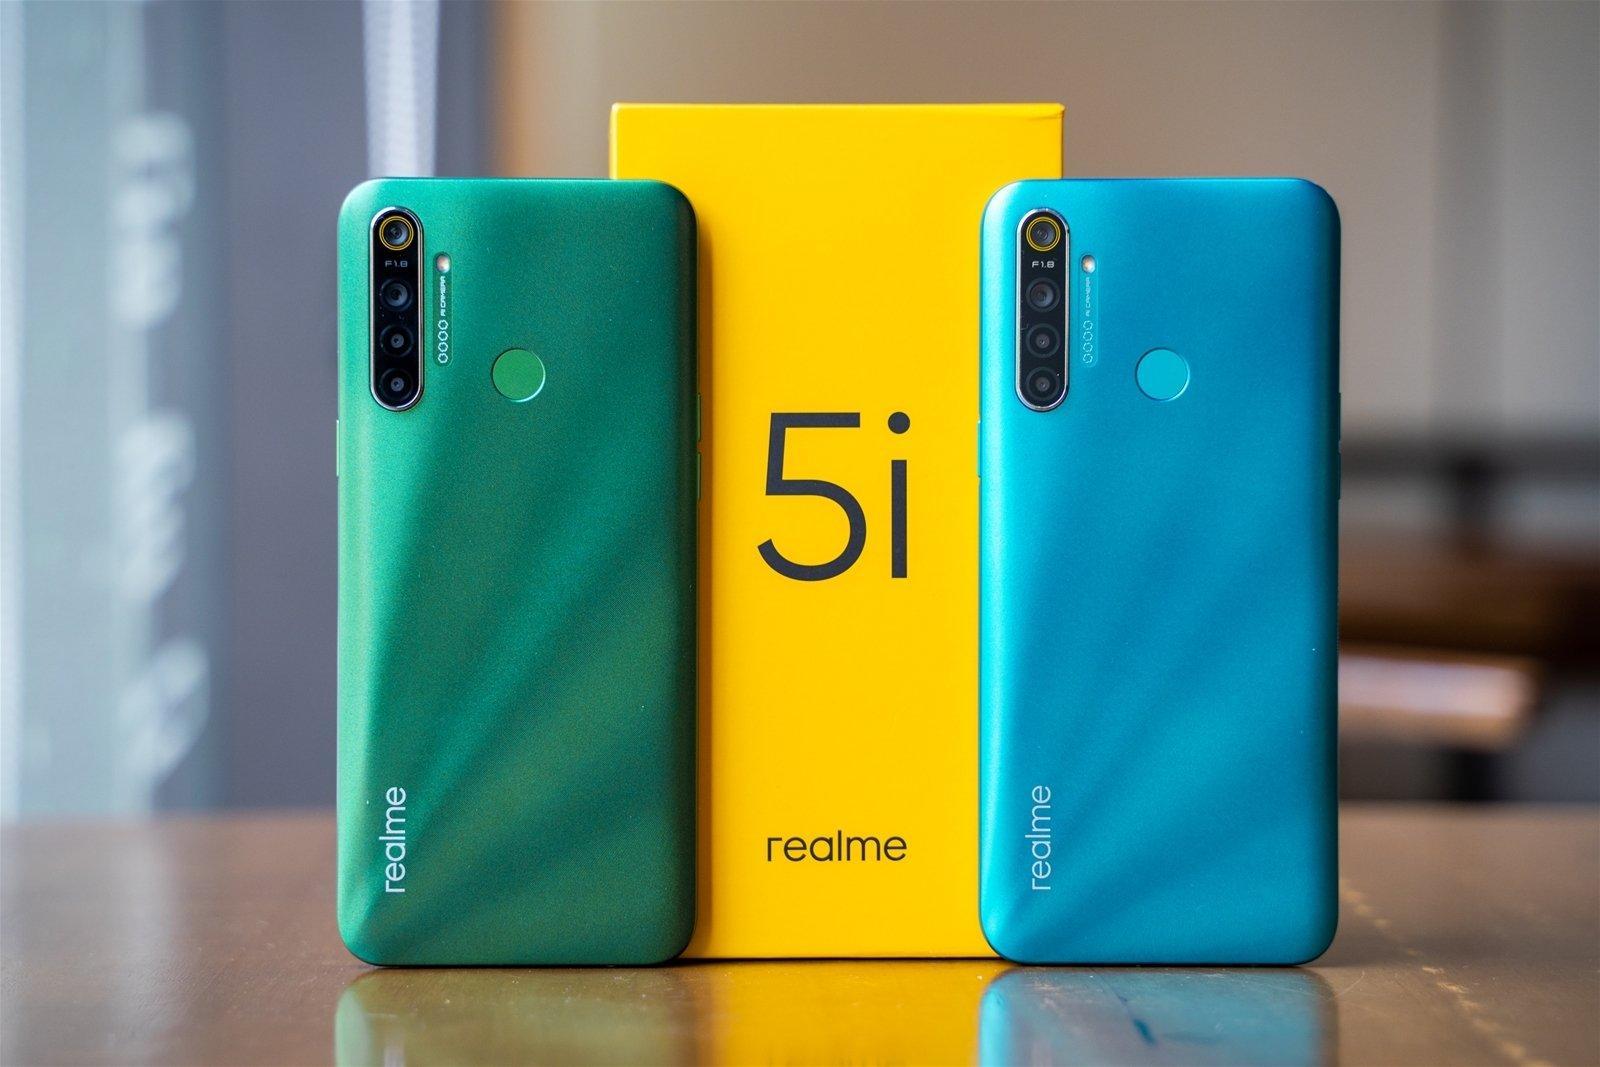 Đánh giá Realme 5i: Cấu hình mạnh, pin khủng 5000 mAh và giá cả hợp lí - BlogAnChoi